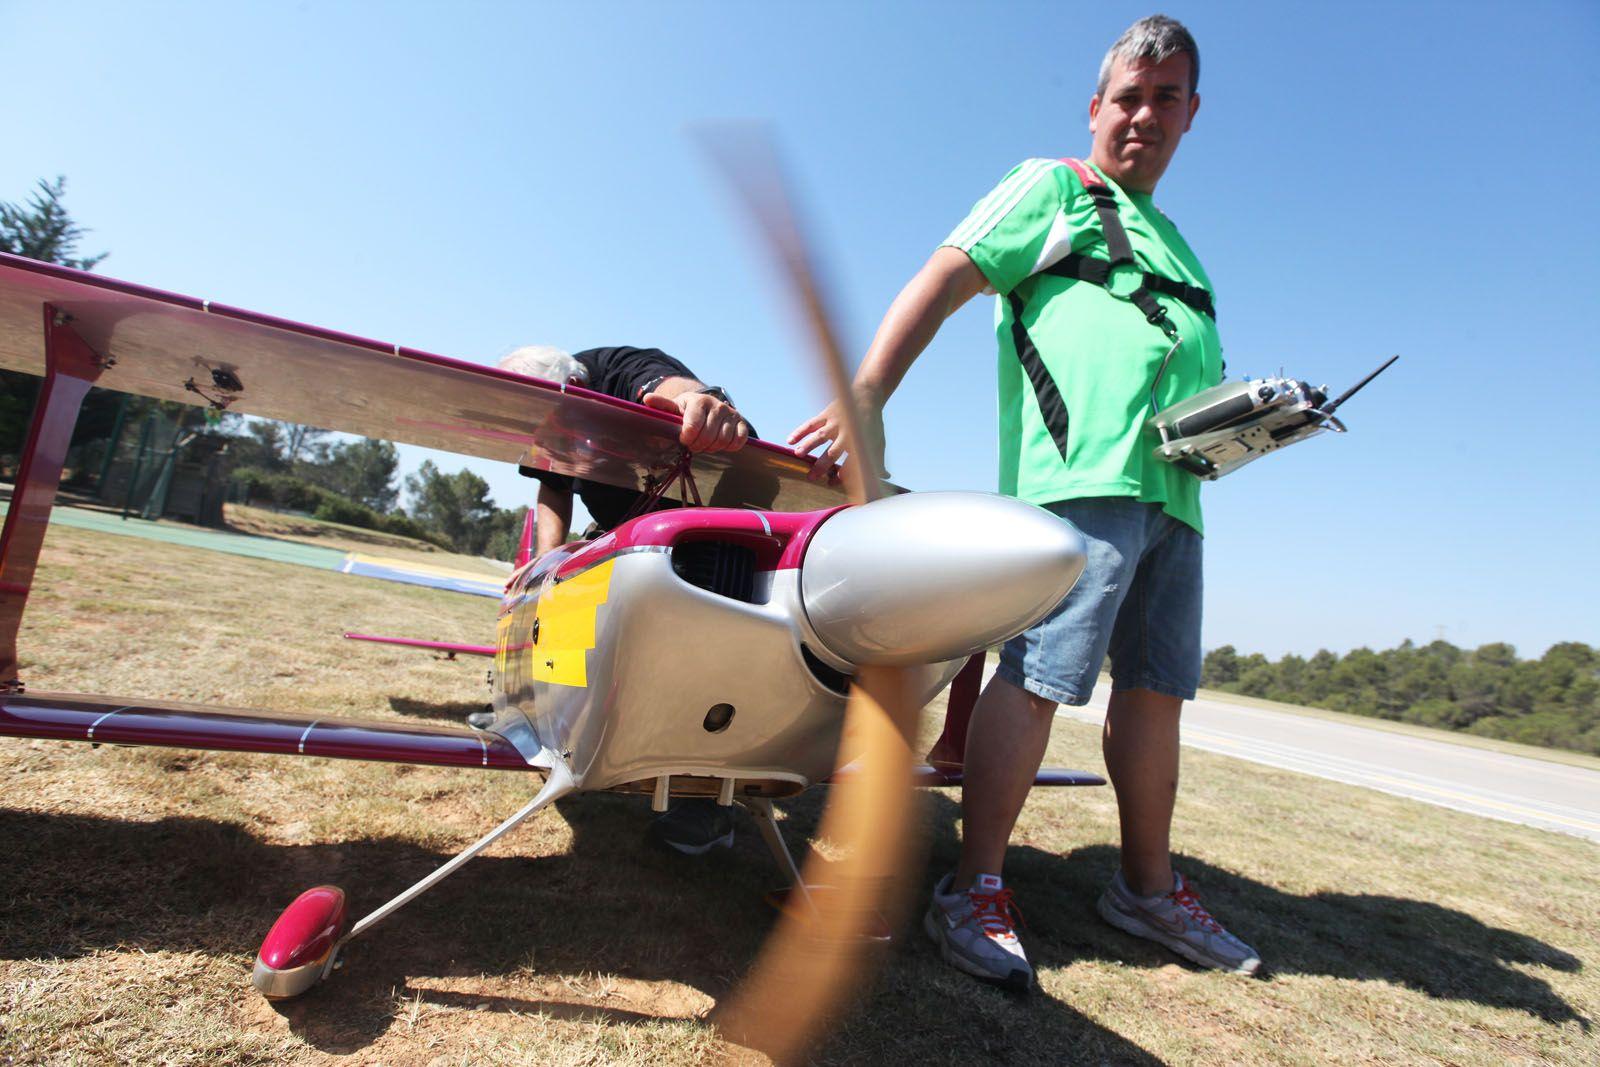 Festa del Cel d'aeromodelisme al Camp de Vol de Can Graells. FOTOS: Lali Puig